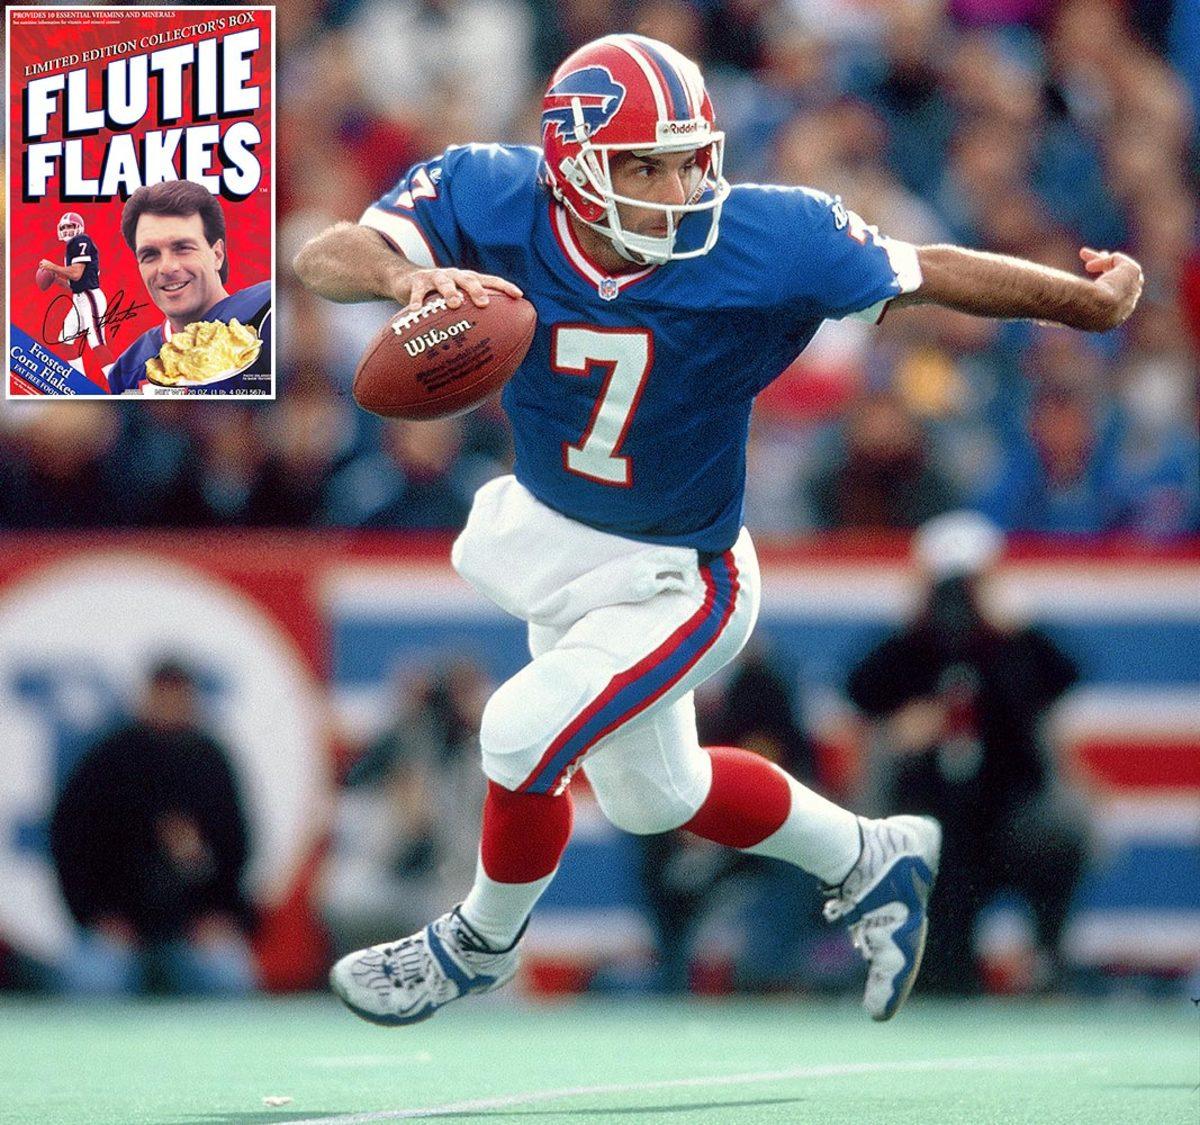 Doug-Flutie-005773557-Flutie-Flakes-cereal.jpg